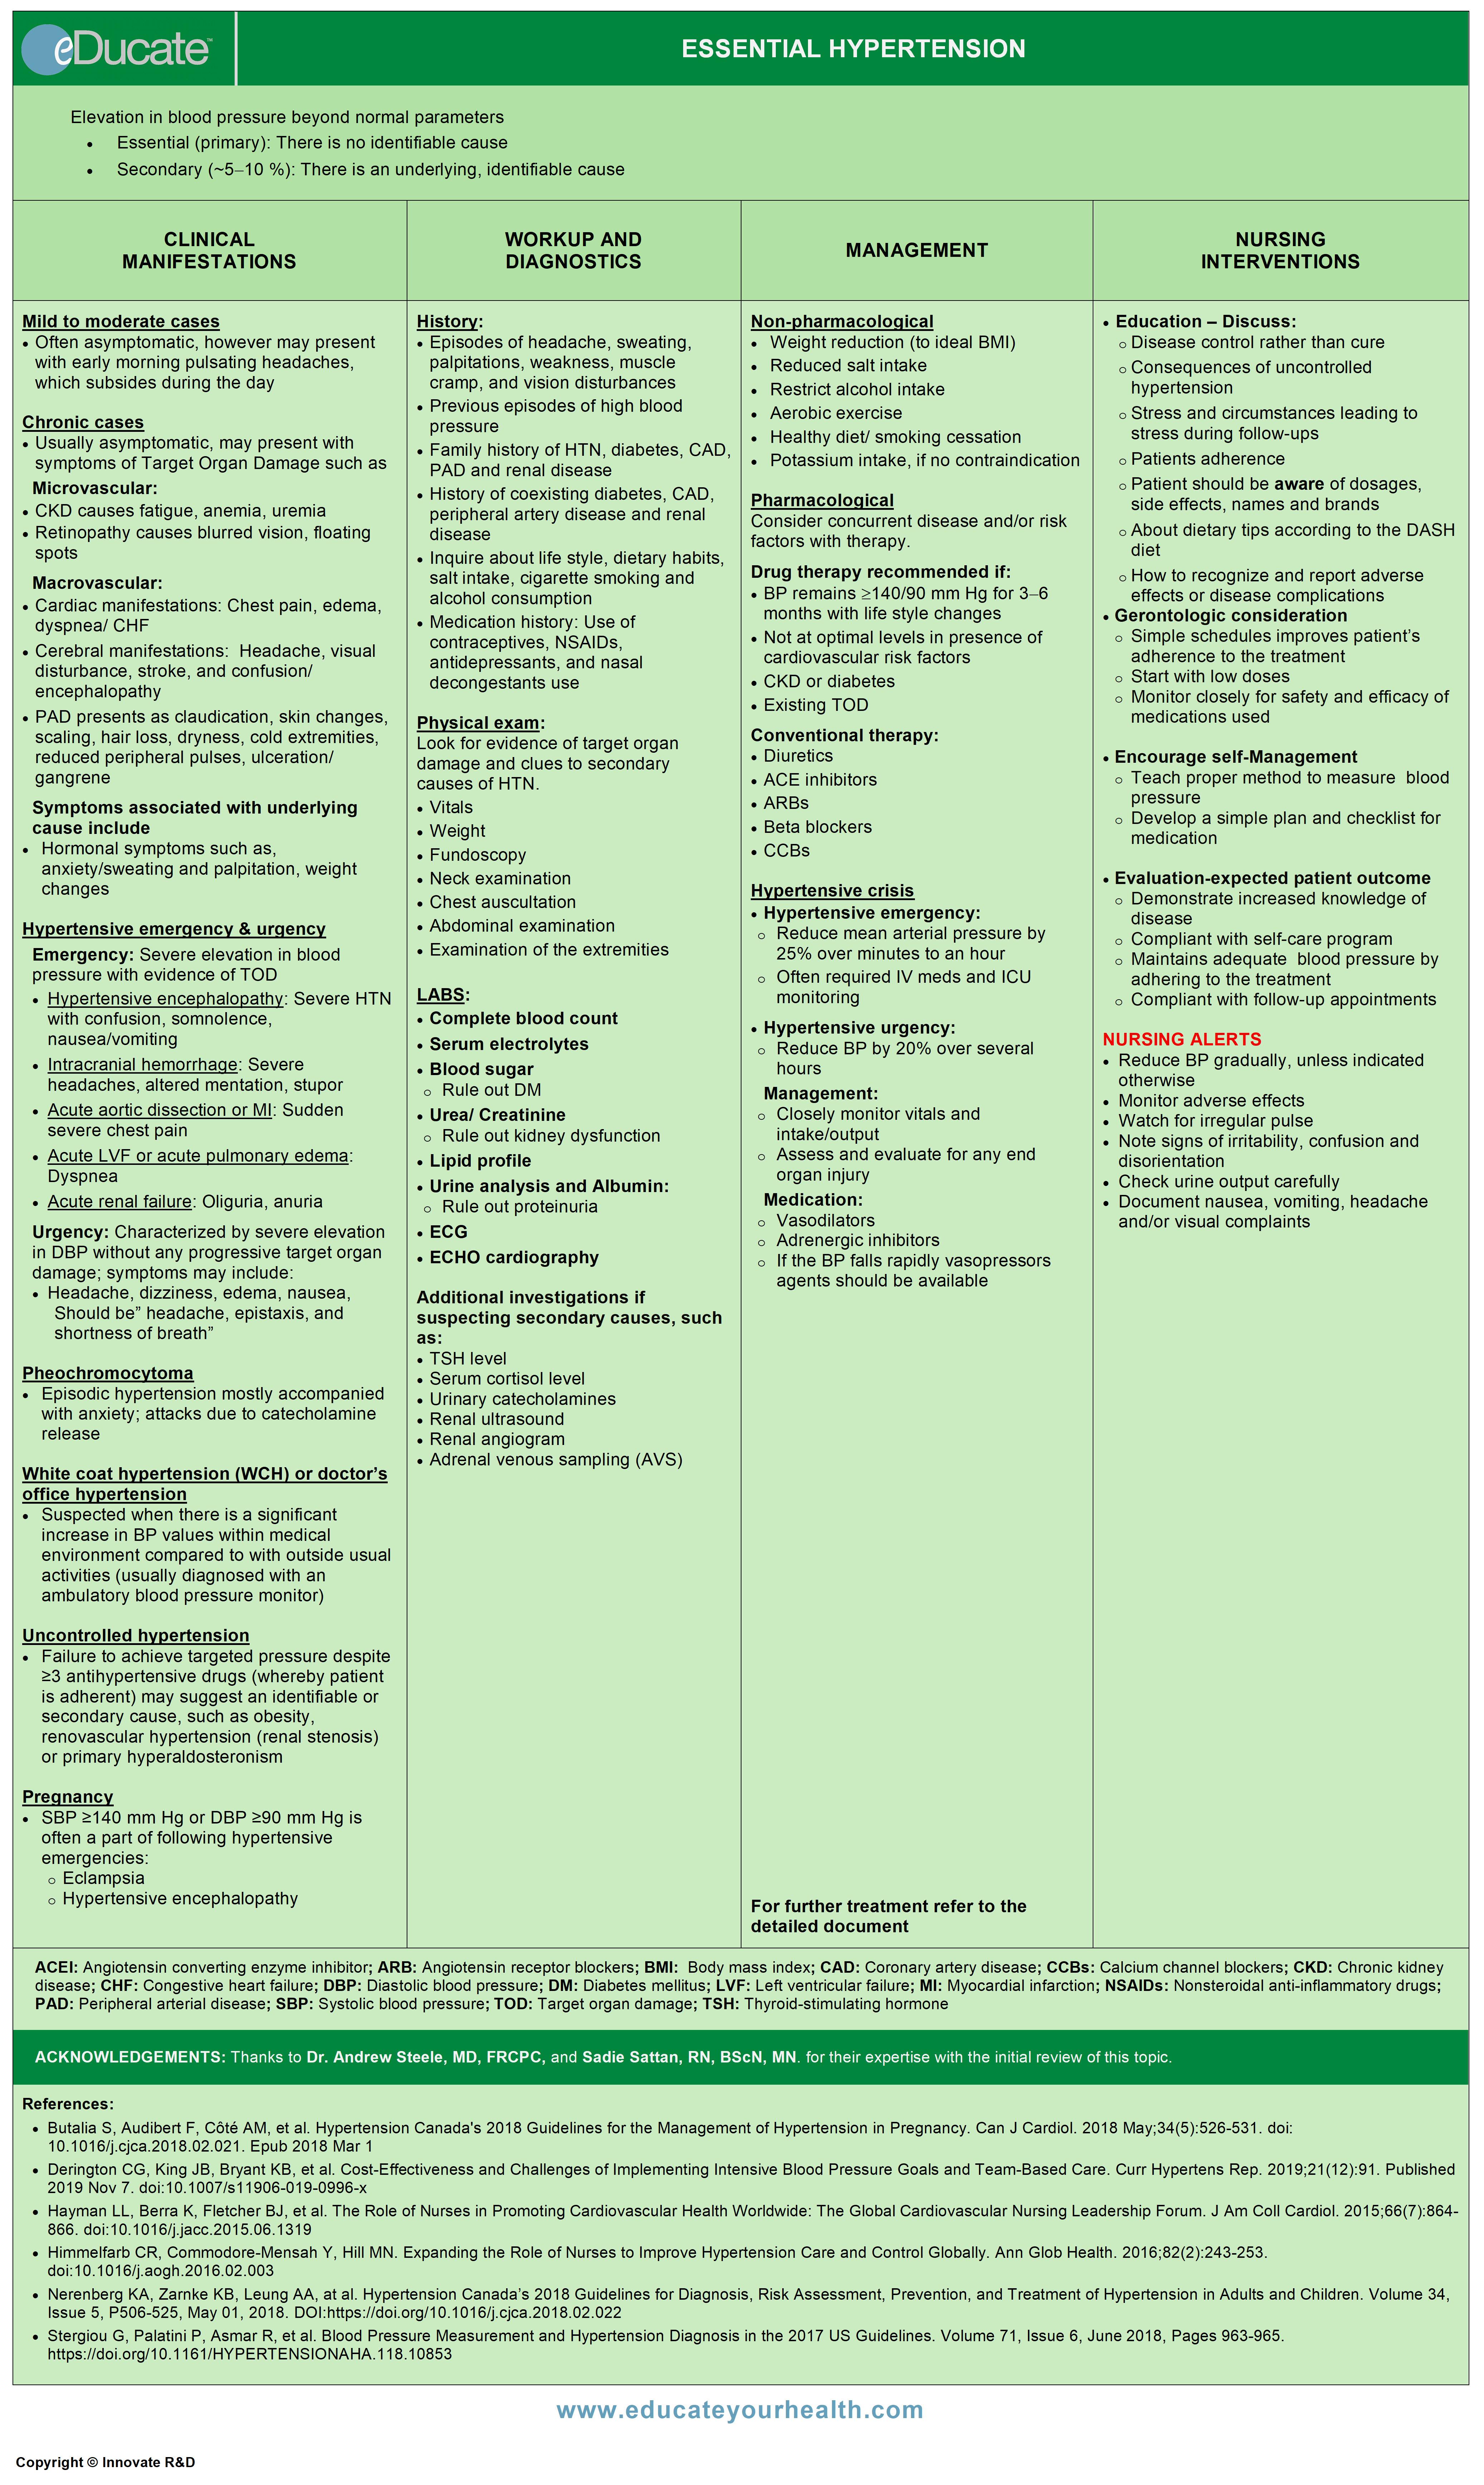 Essential hypertension-QR